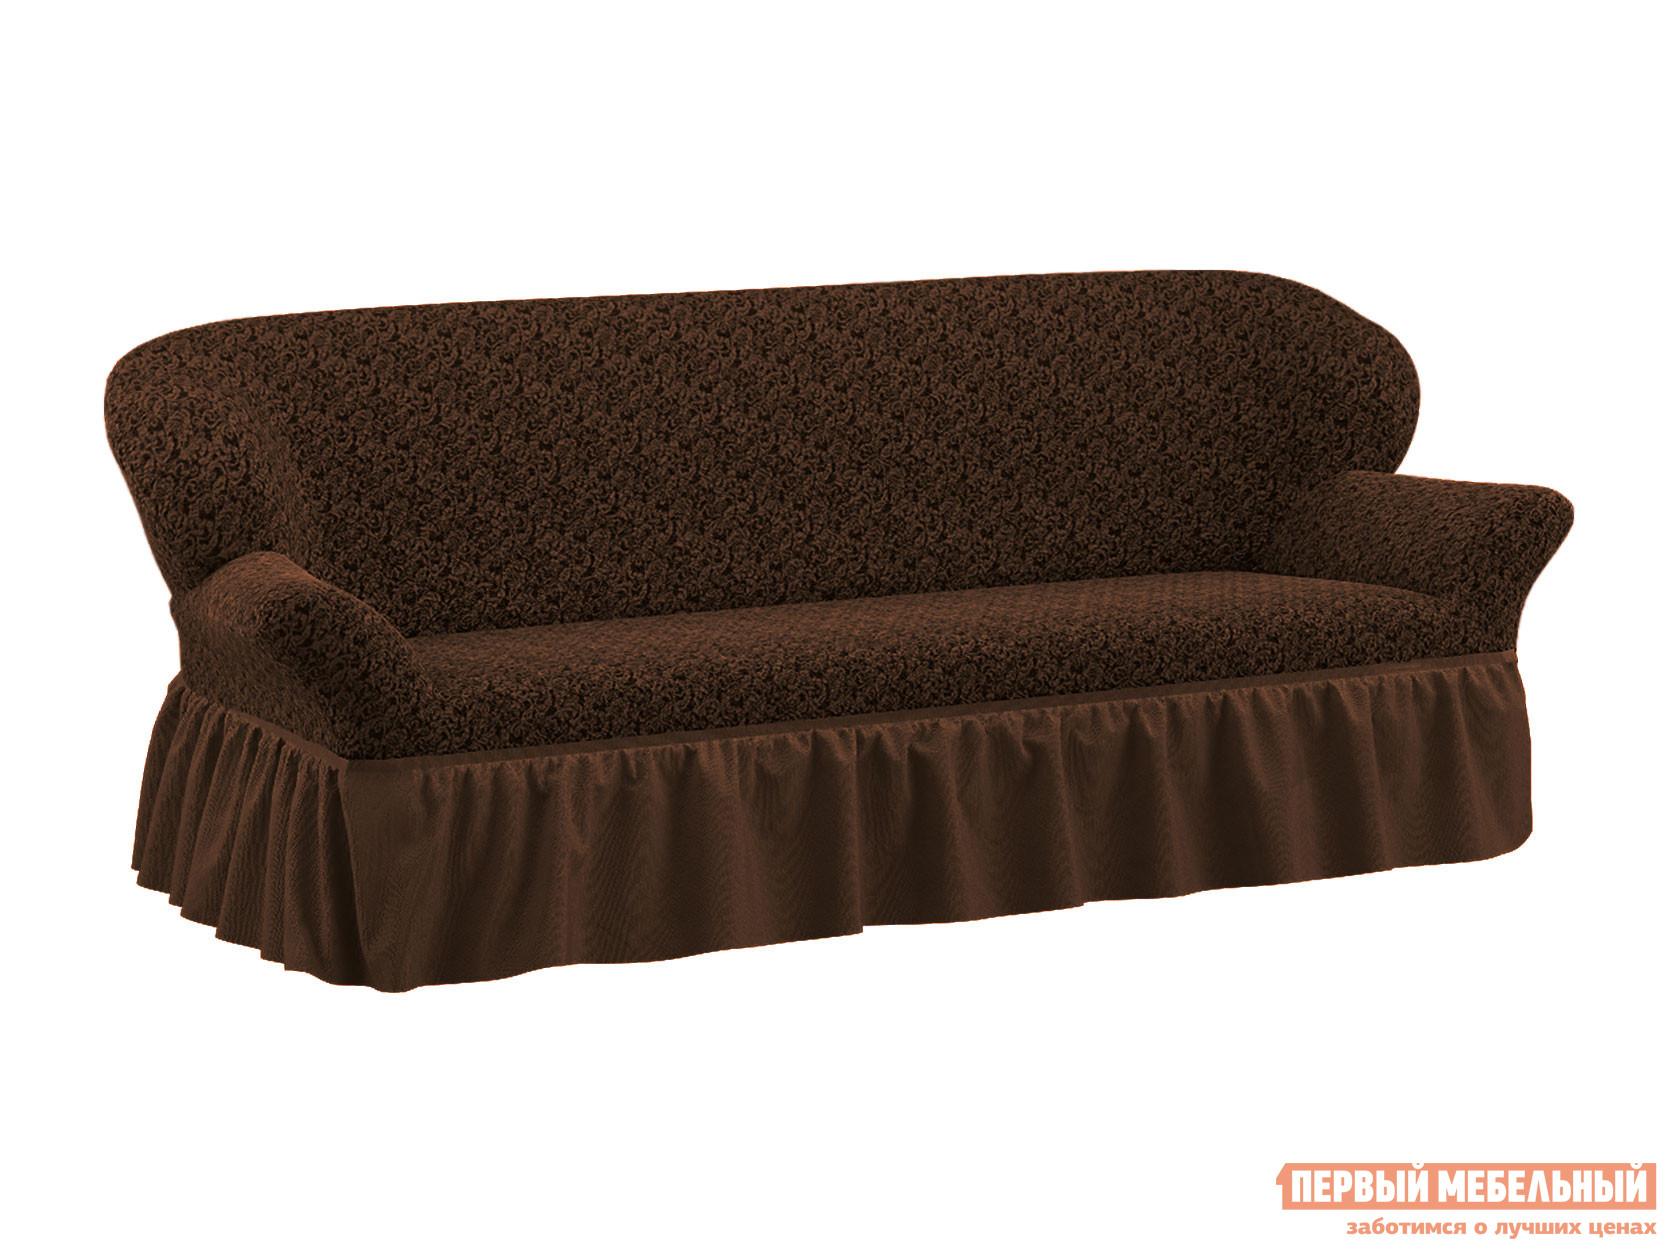 Фото - Чехол для трехместного дивана Первый Мебельный Чехол на трехместный диван жаккард с юбкой чехол для двухместного дивана первый мебельный чехол для дивана стамбул двухместный без юбки